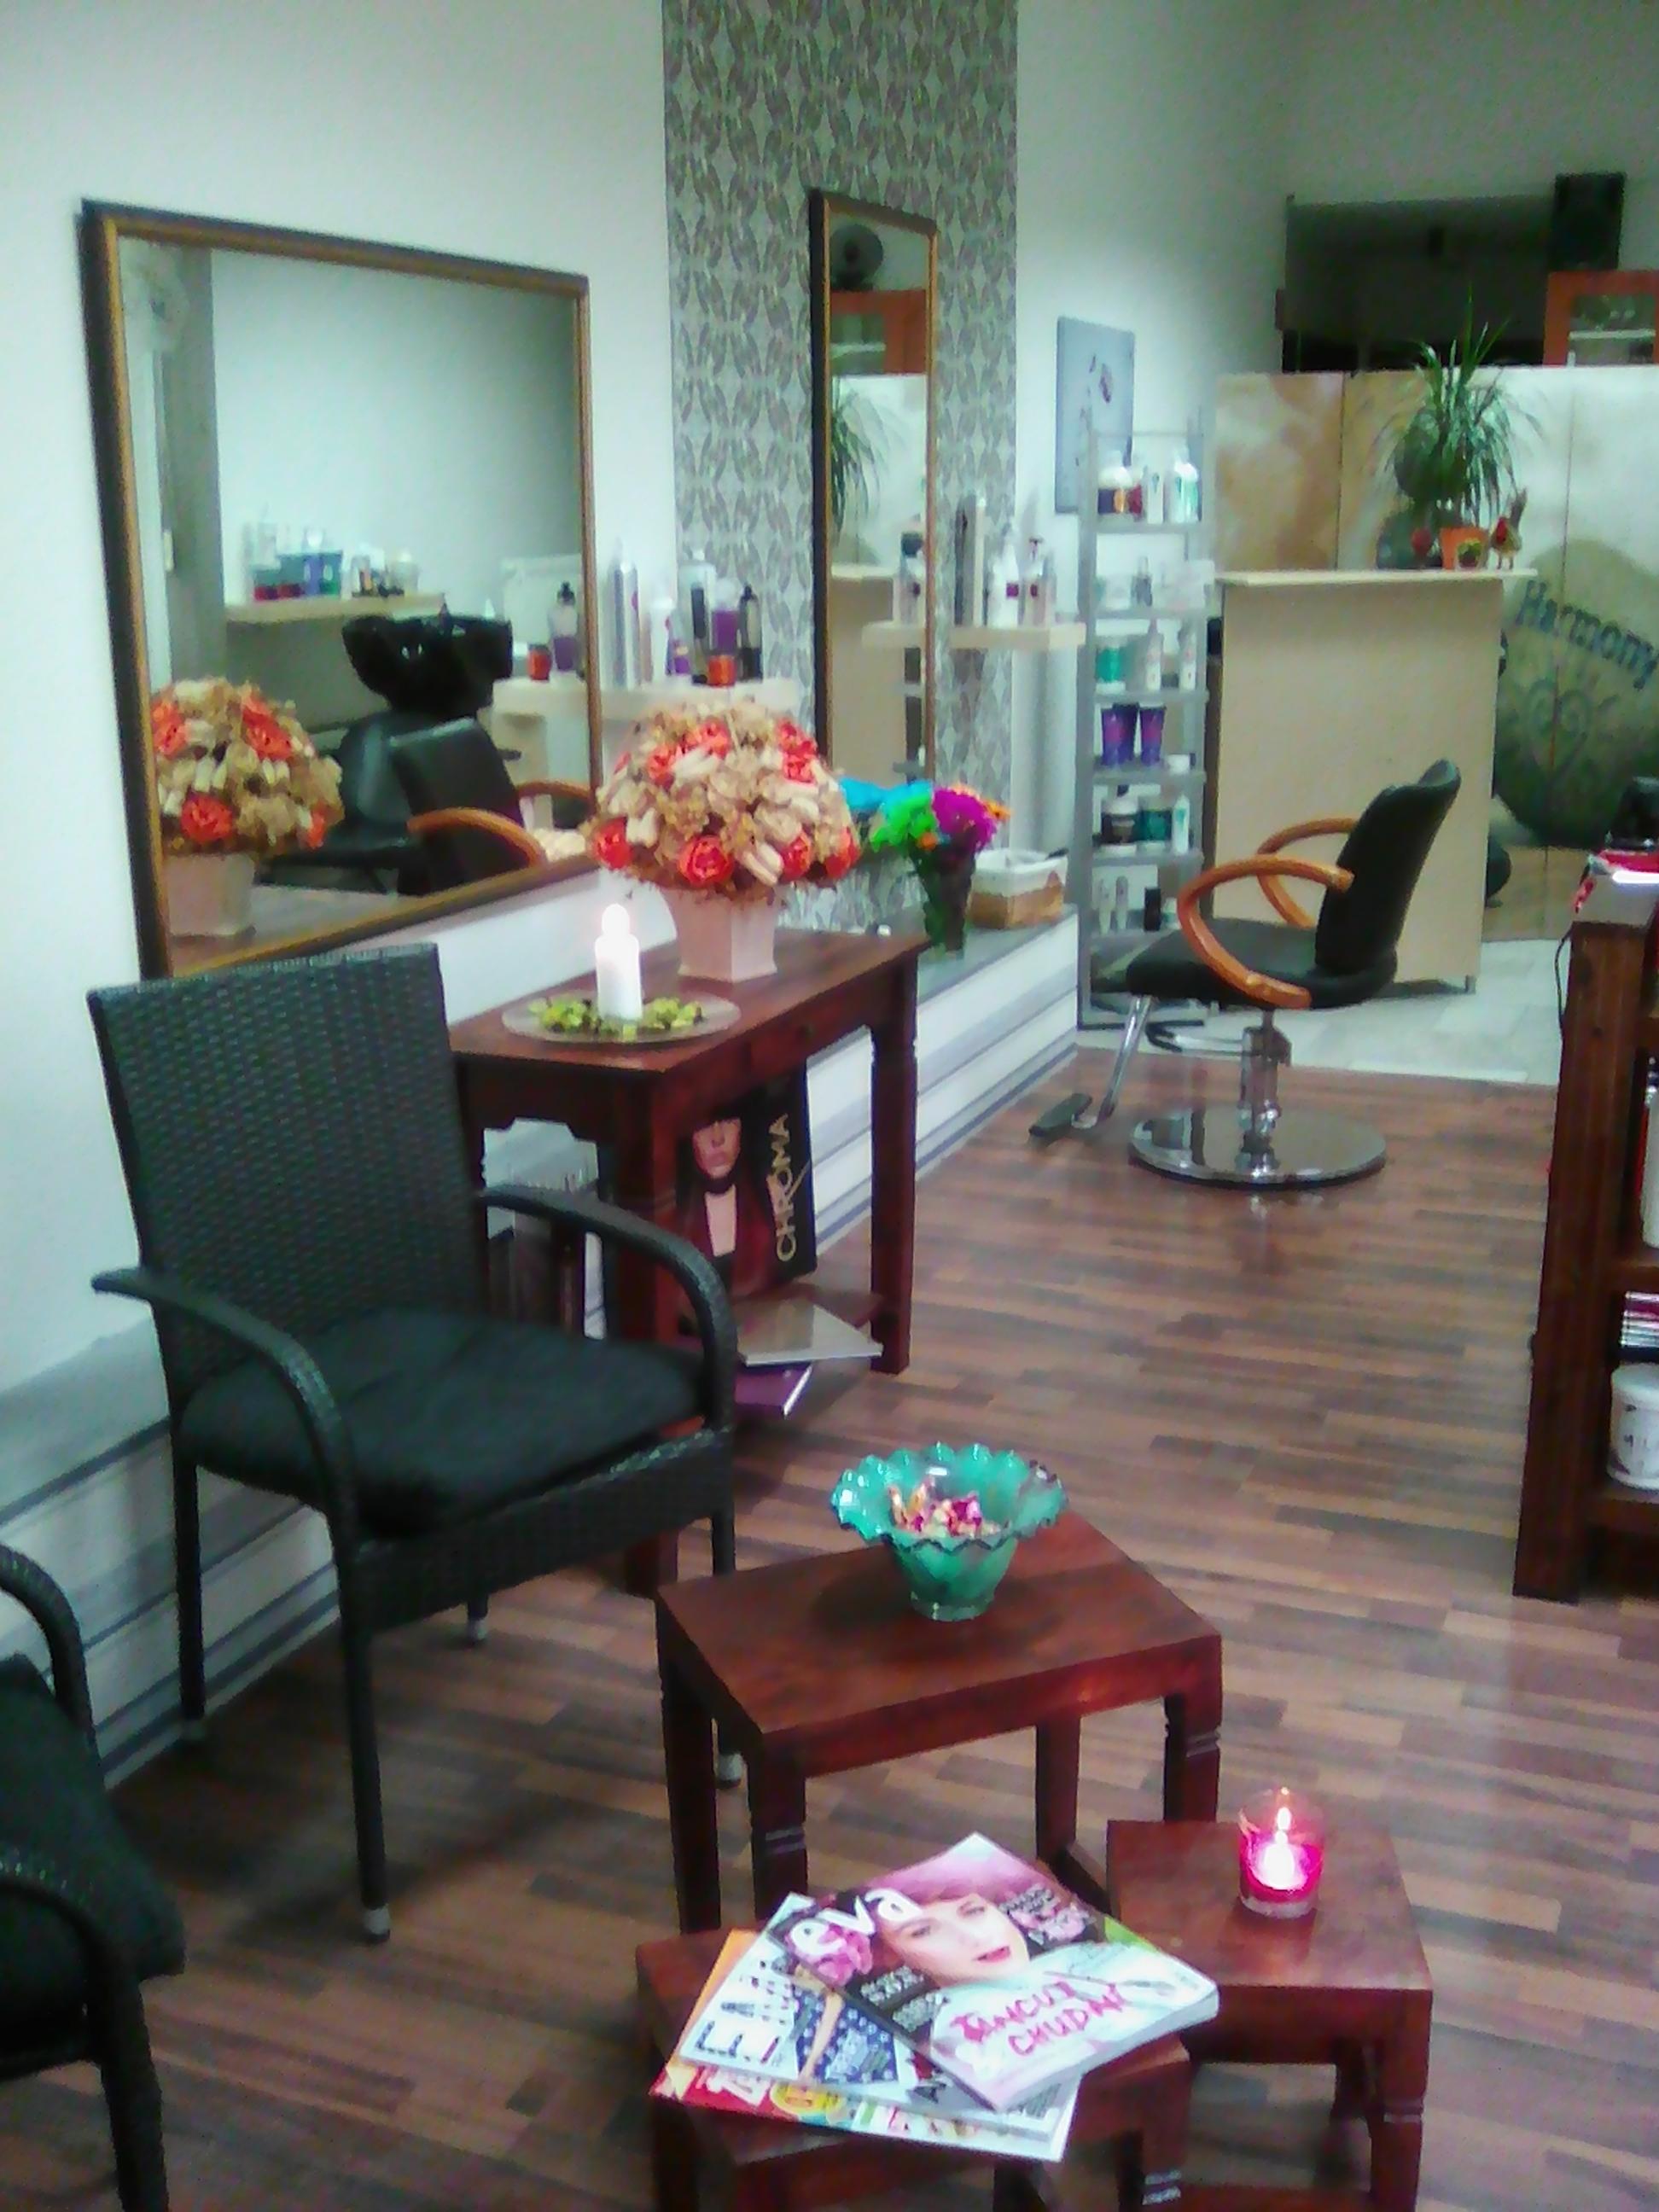 5537ff9f6a kadernictvo hair studio leonard topolcany kadernictvo hair studio leonard  topolcany